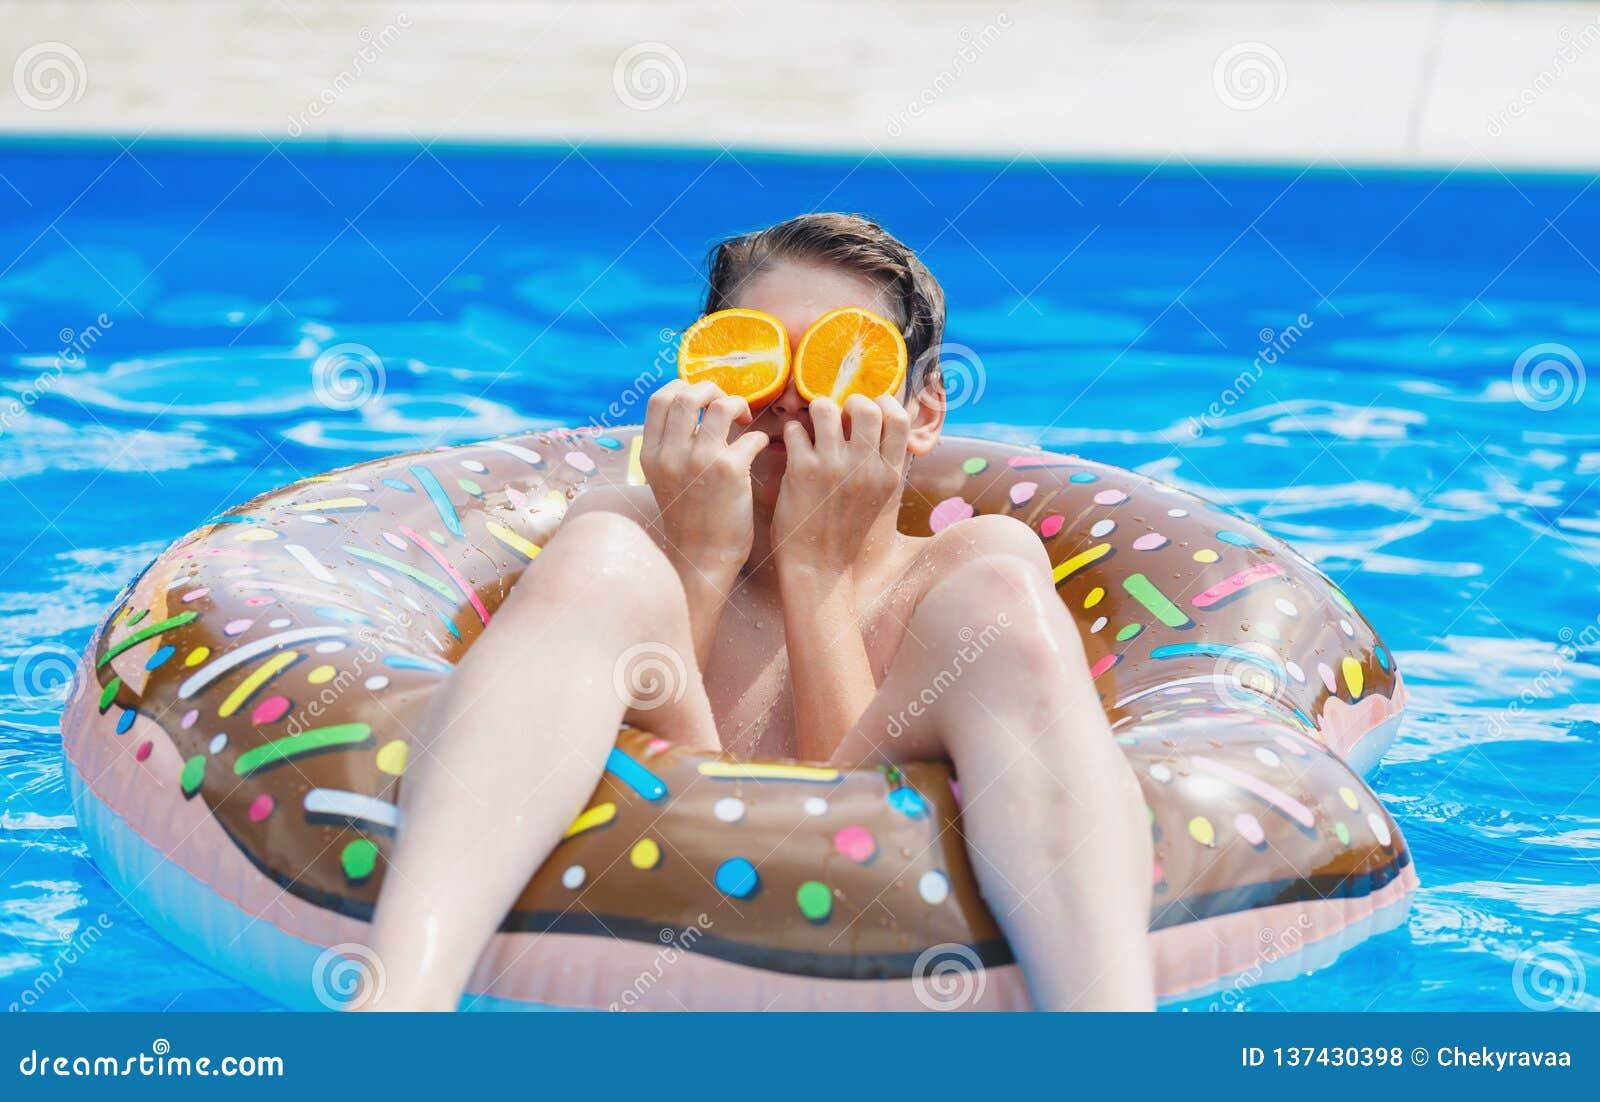 Menino bonito da criança no anel inflável engraçado do flutuador da filhós na piscina com laranjas Adolescente que aprende nadar